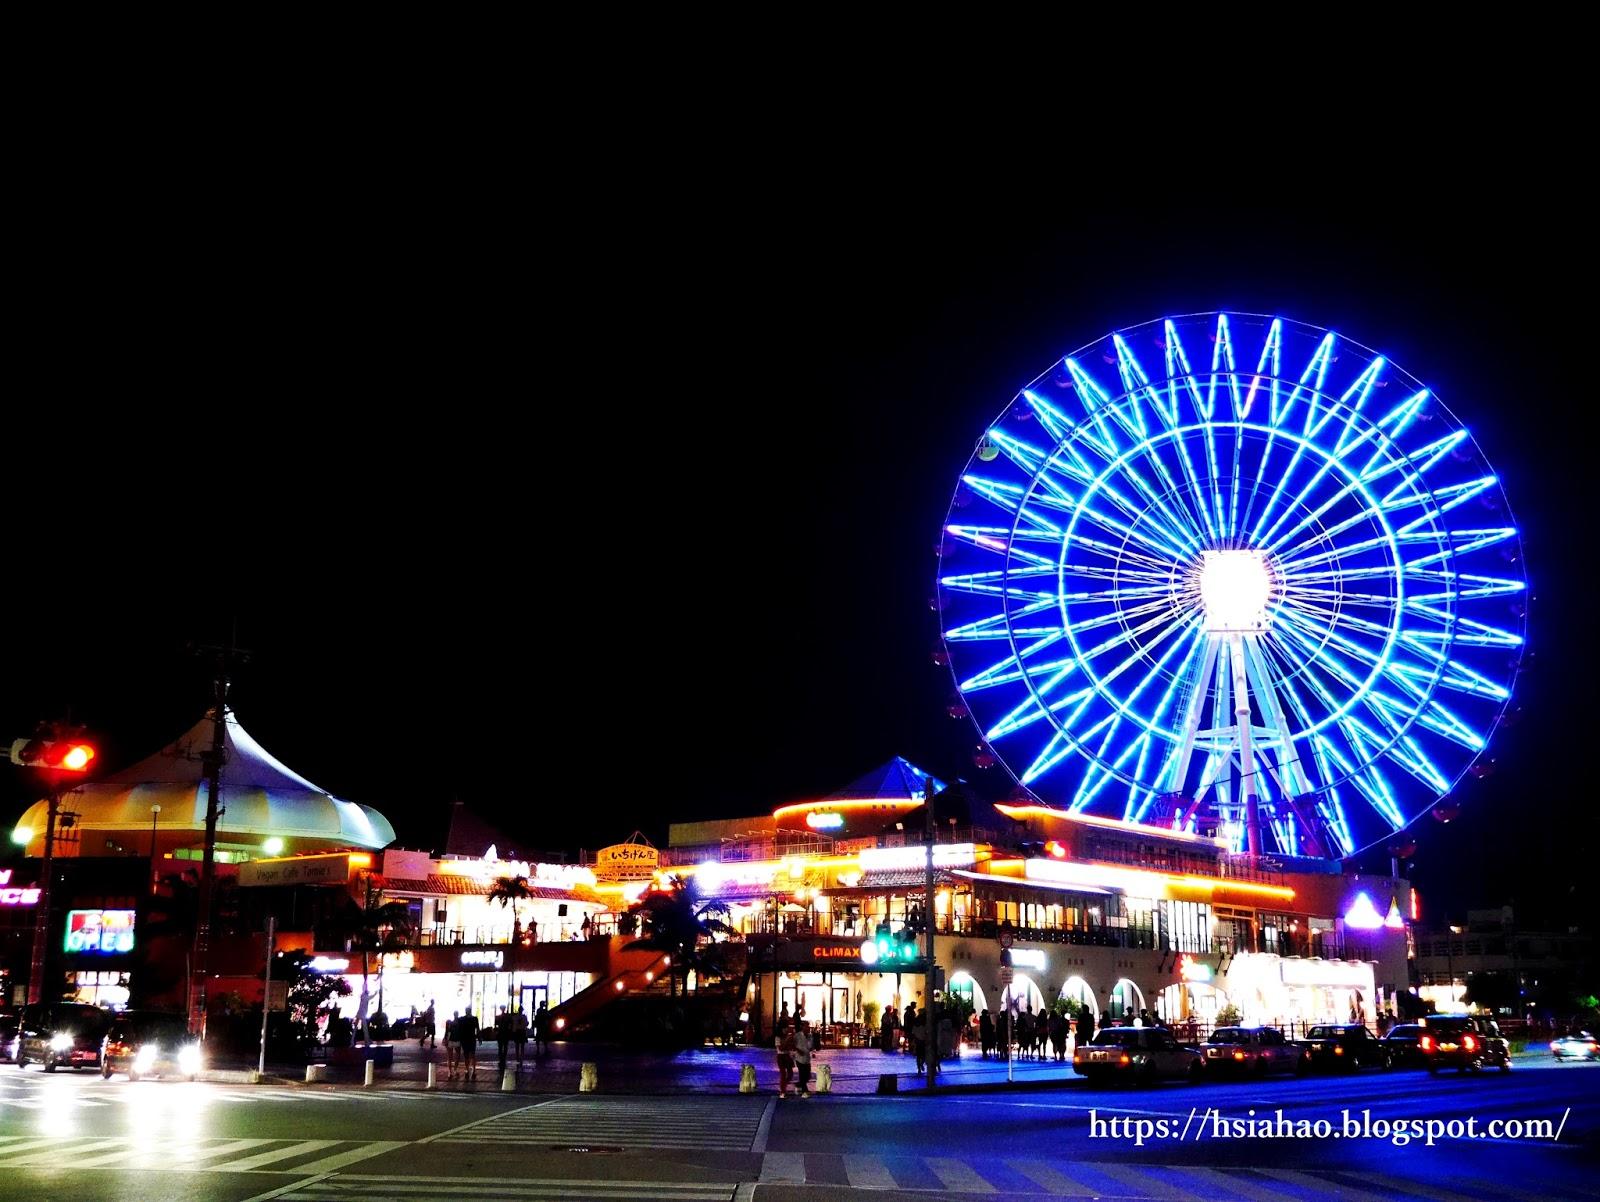 沖繩-美國村景點-推薦-美國村-摩天輪-美國村住宿-american-village-自由行-旅遊-Okinawa